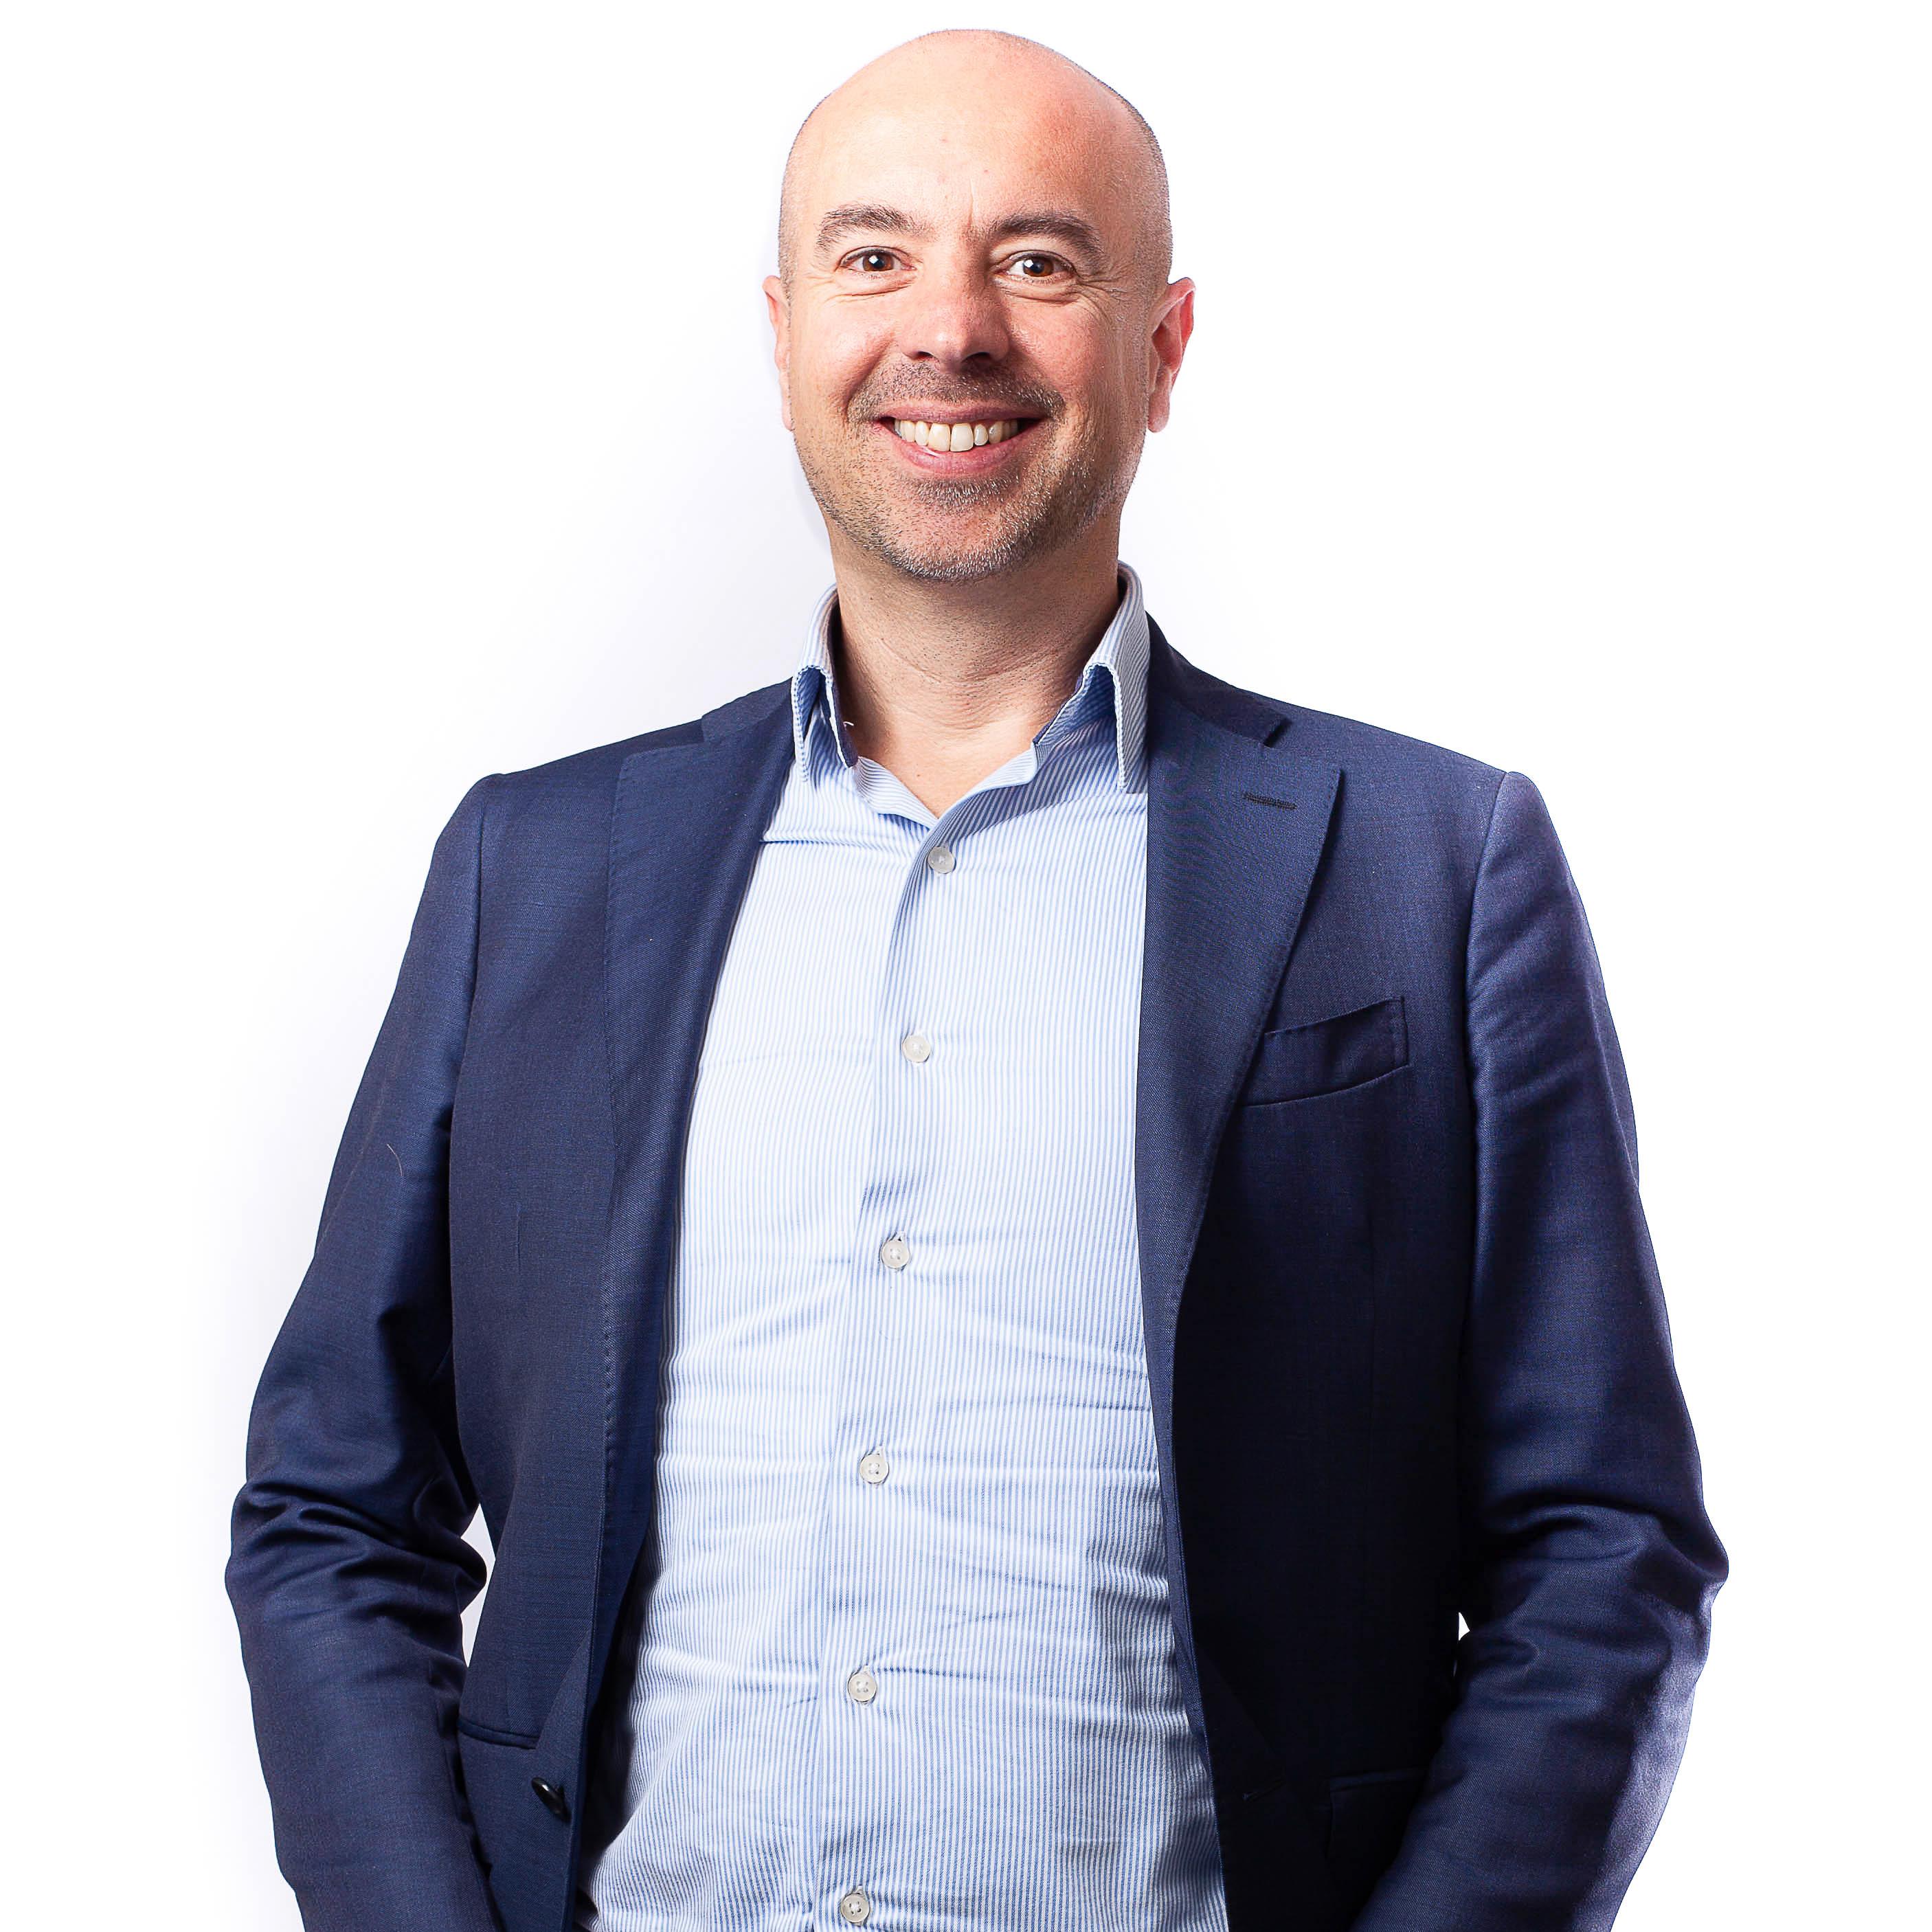 Martijn Sprenger